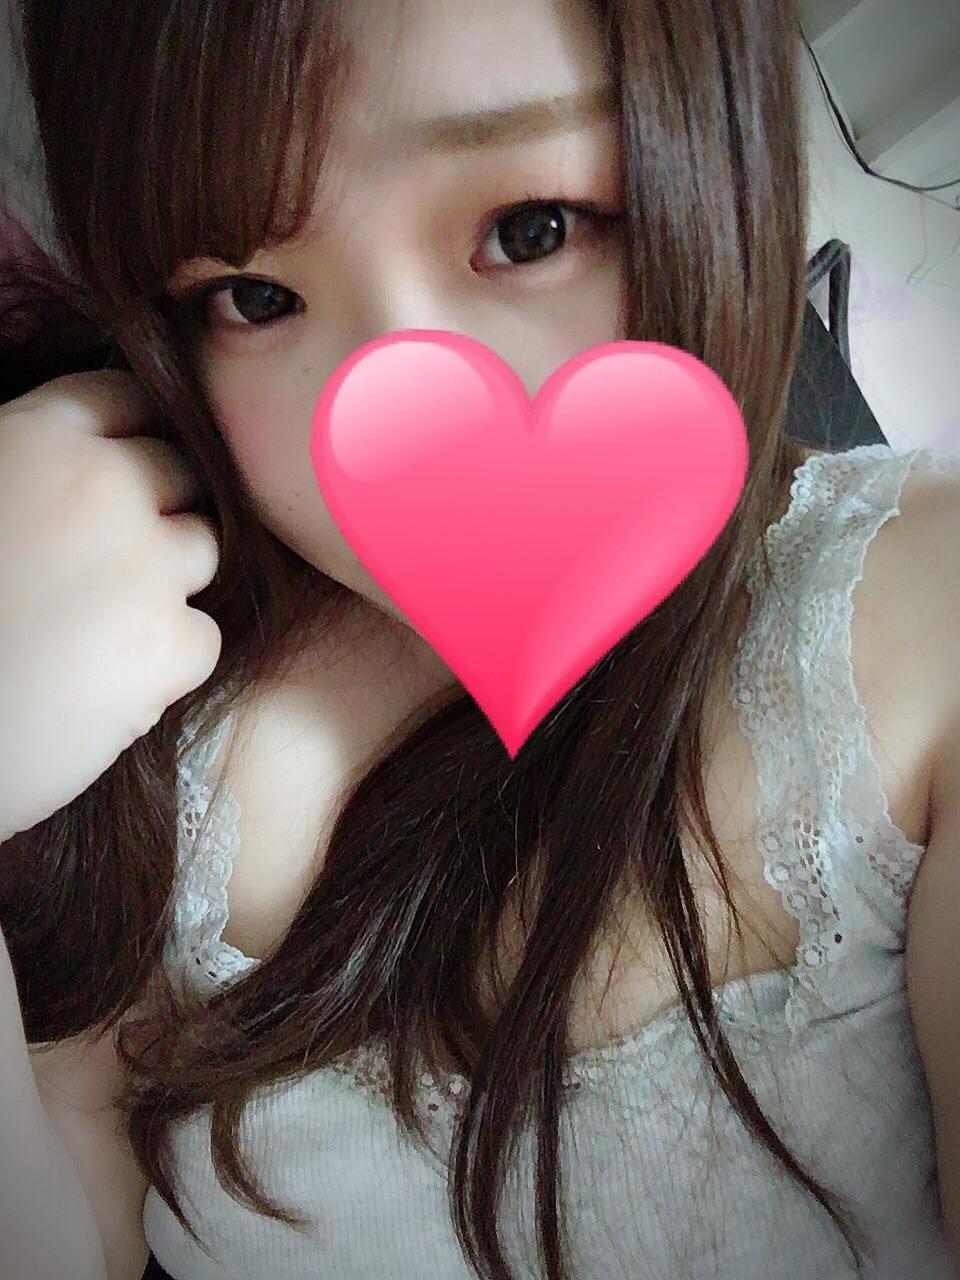 「出勤しましたヾ(*´∀`*)ノ」08/19(08/19) 00:04 | はるかの写メ・風俗動画